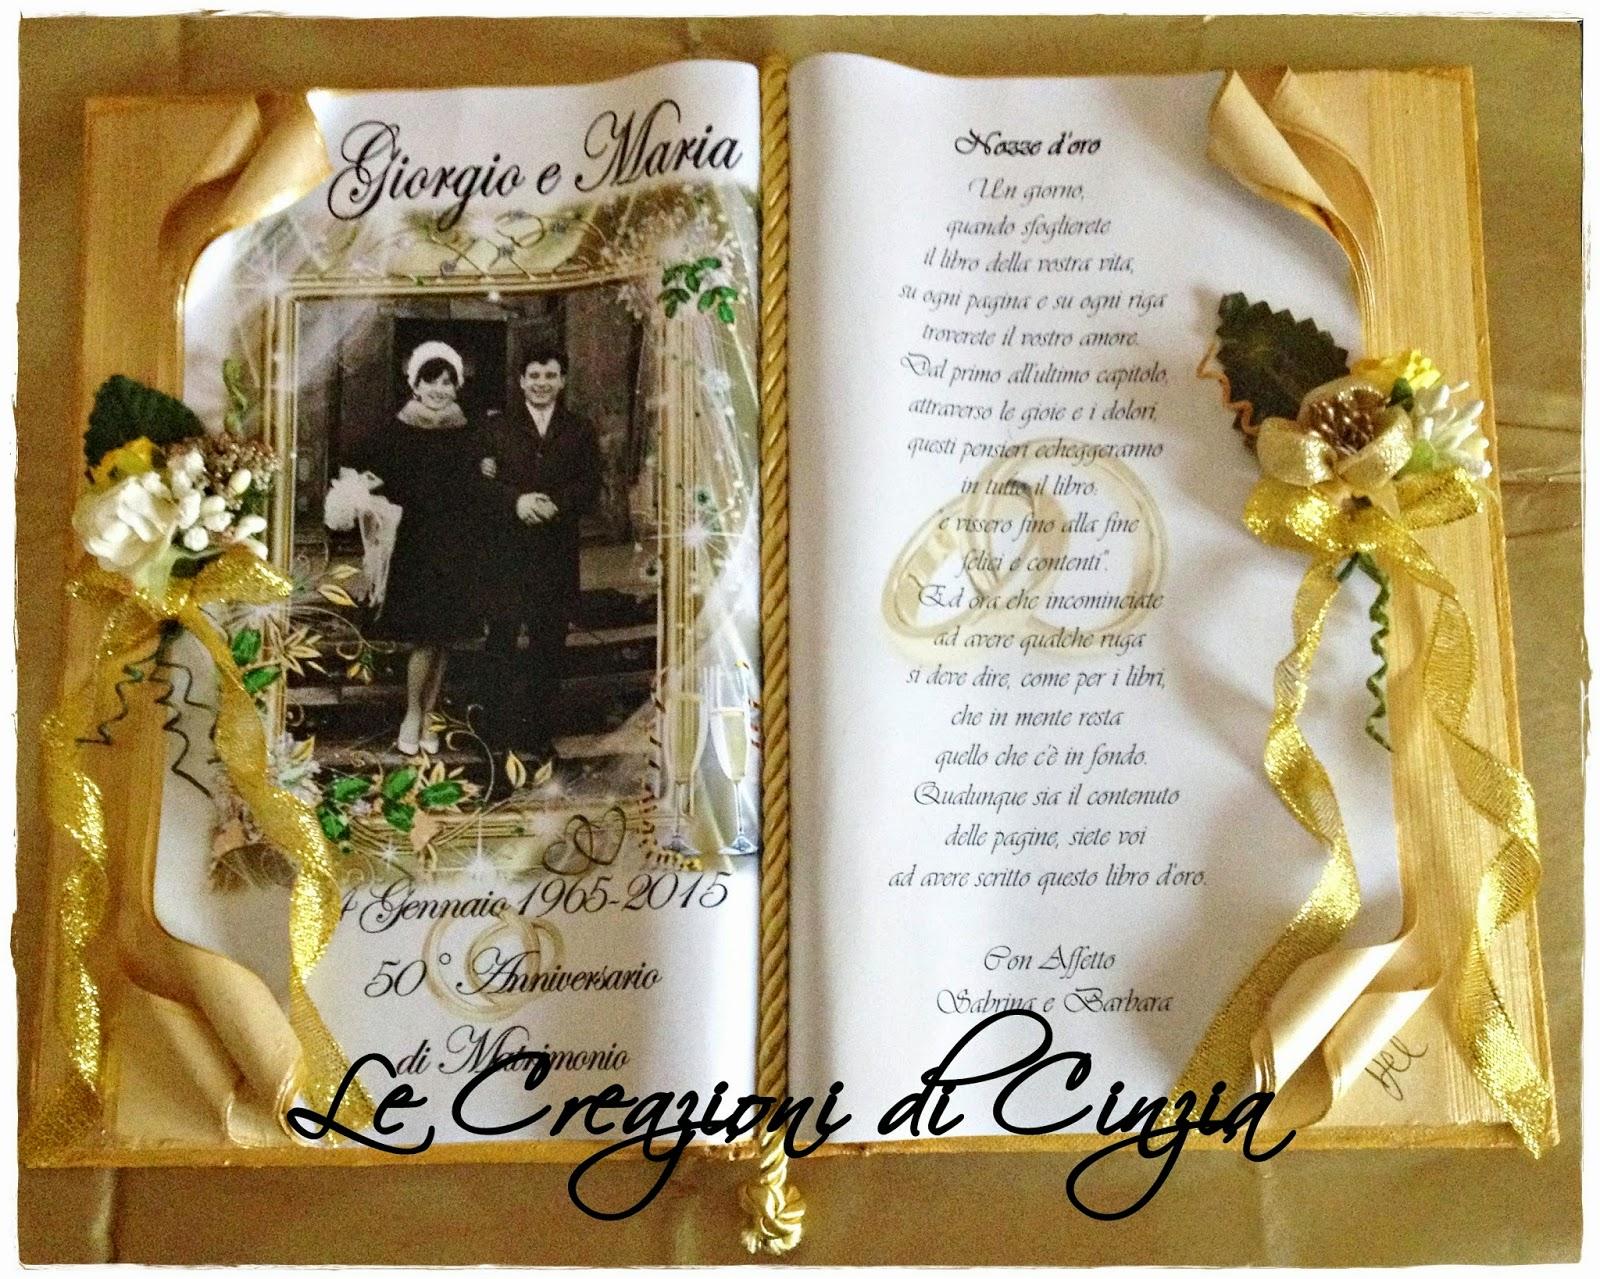 Tantissimi Auguri Matrimonio : Le creazioni di cinzia nozze d oro per giorgio e maria